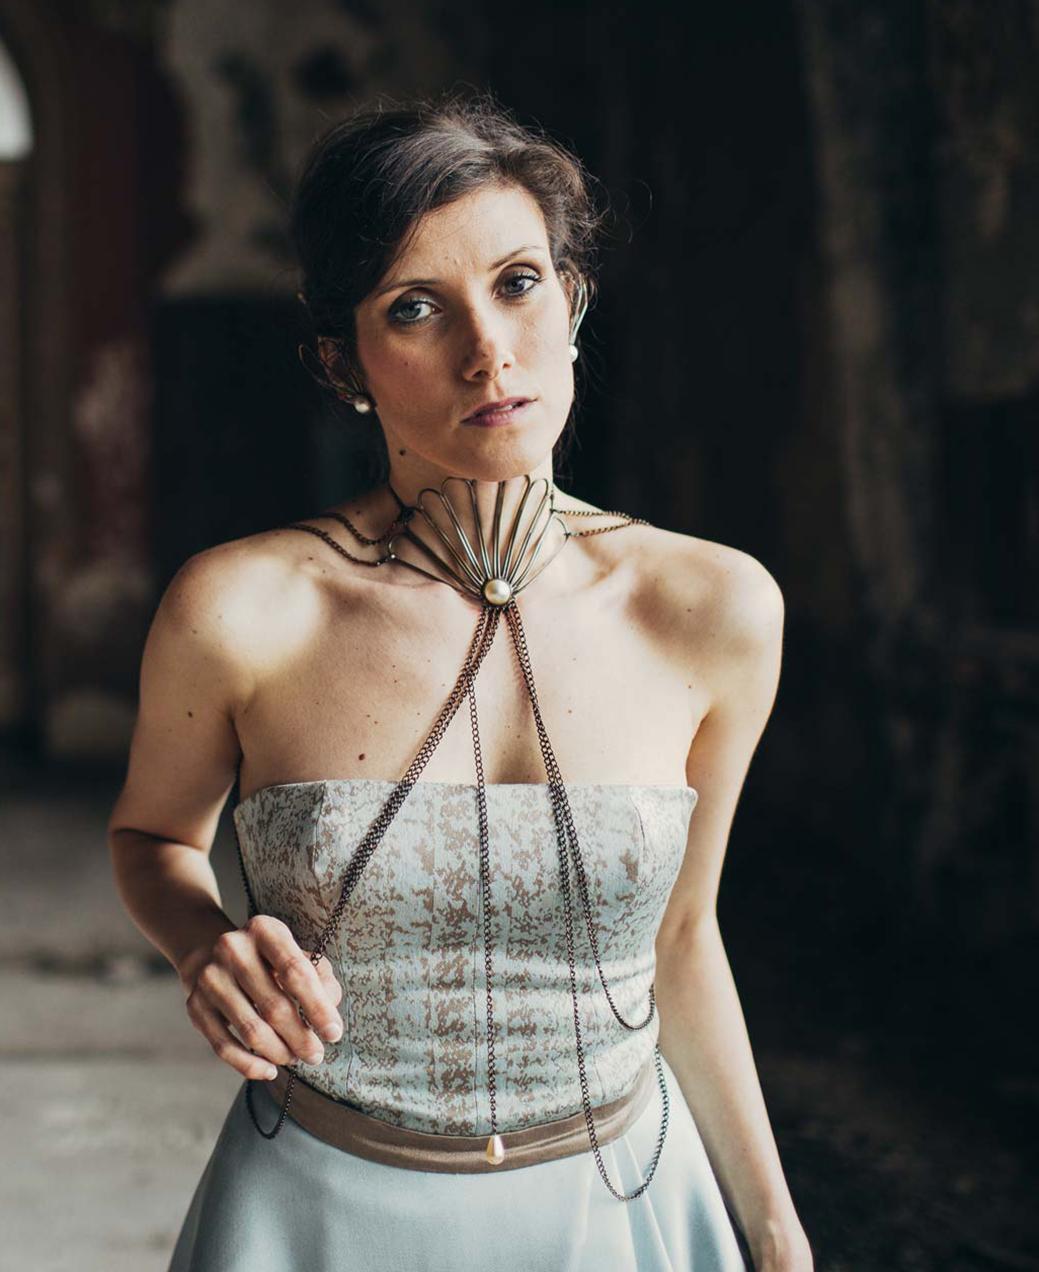 Gioiello Safia Malvarosa taglaita